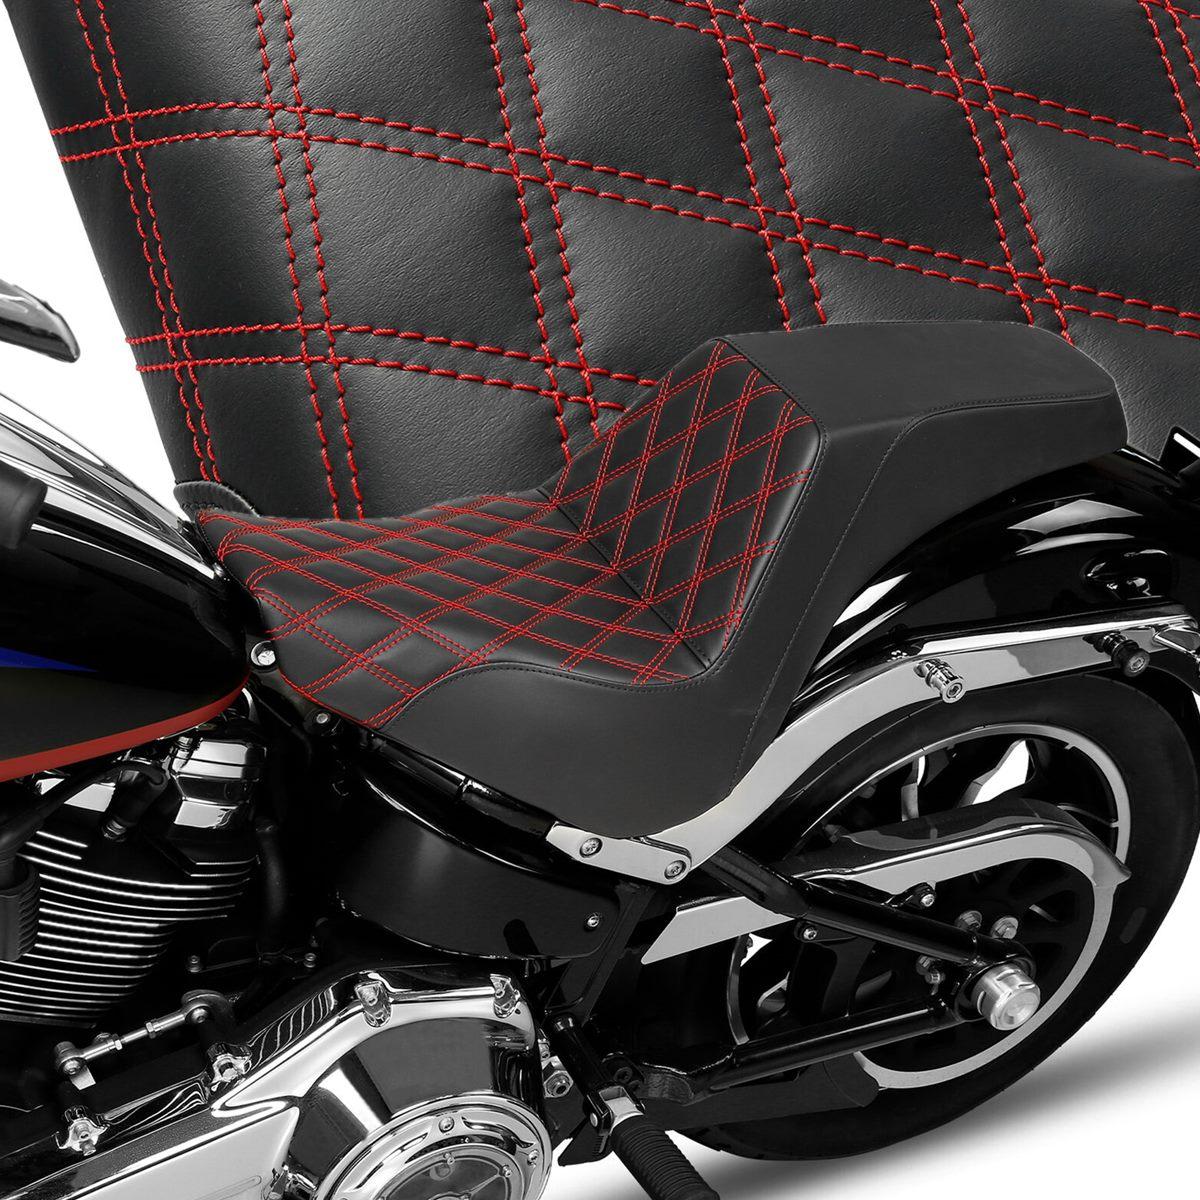 مقعد للدراجة النارية لهارلي سوفتيل ستاندرد ستريت بوب 2018-2020 راكب الدراجة النارية